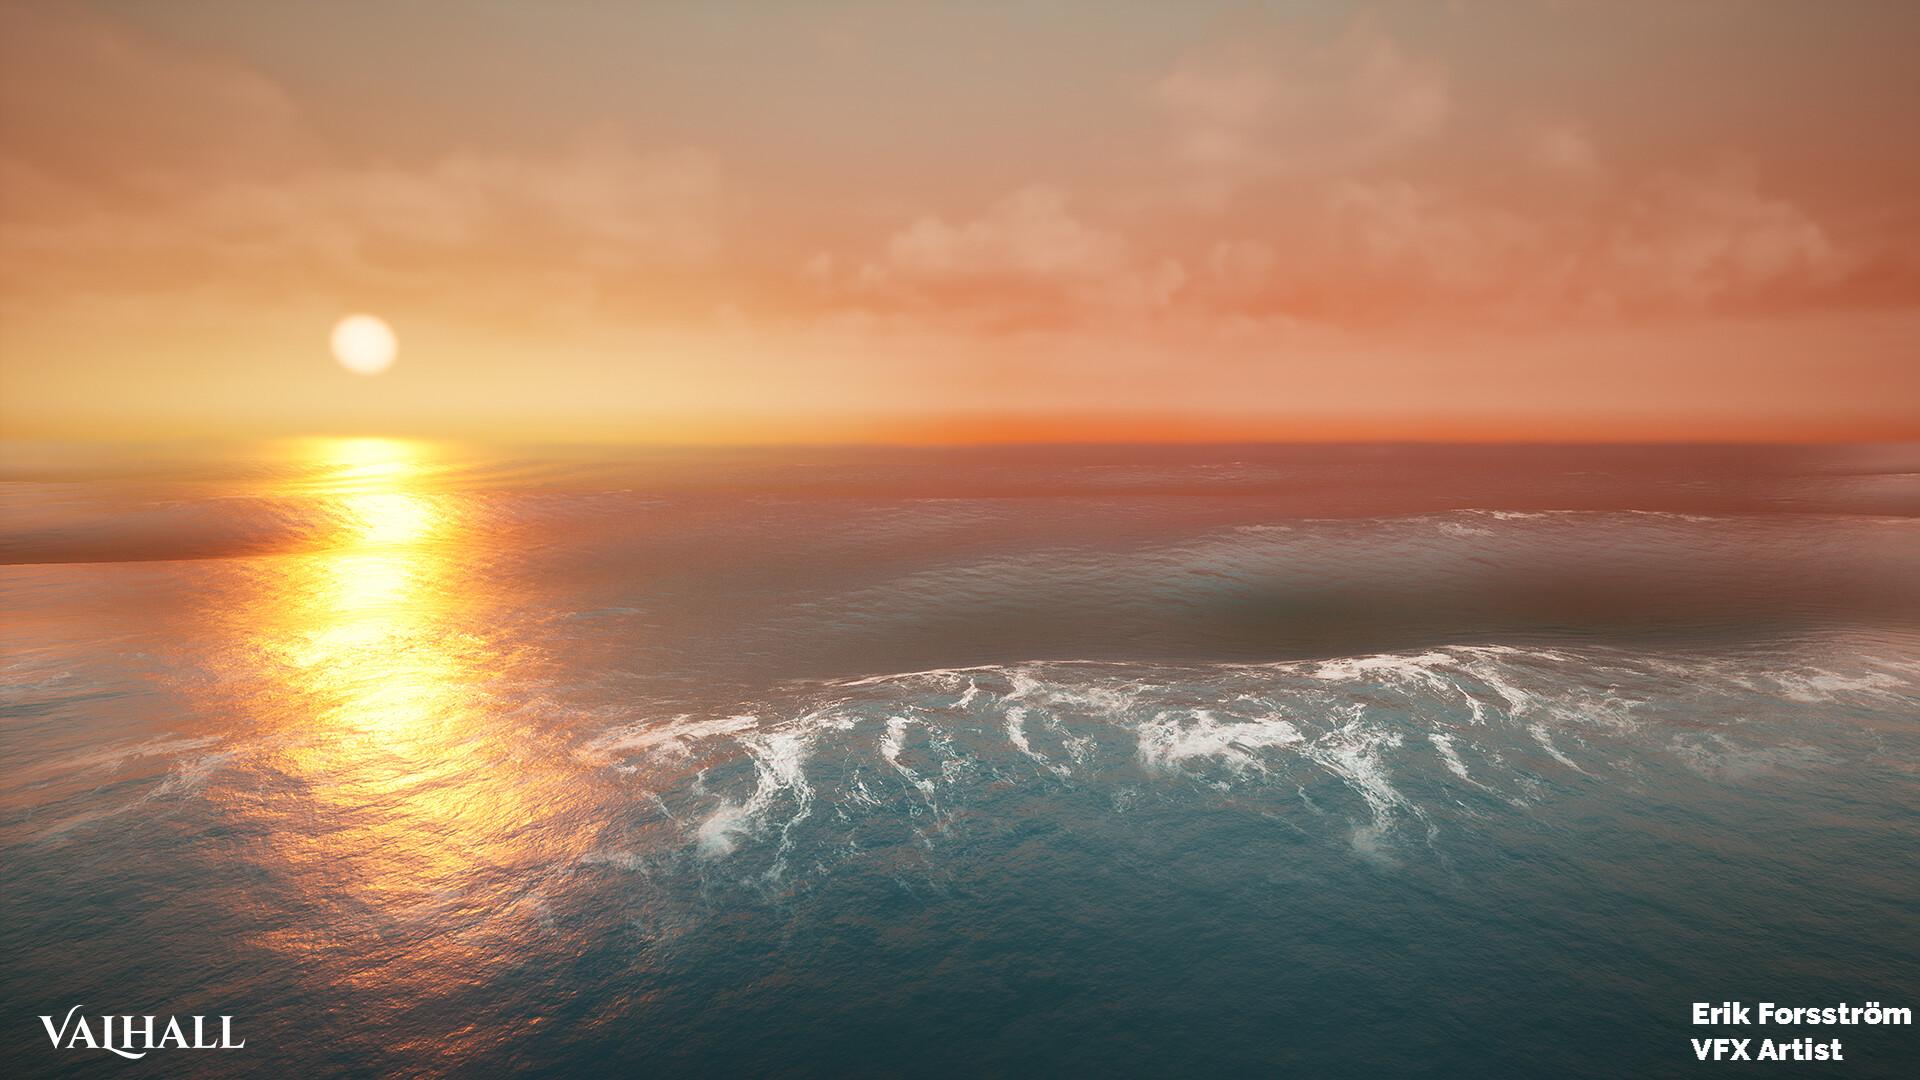 Erik forsstrom erik forsstrom ocean sunset 01